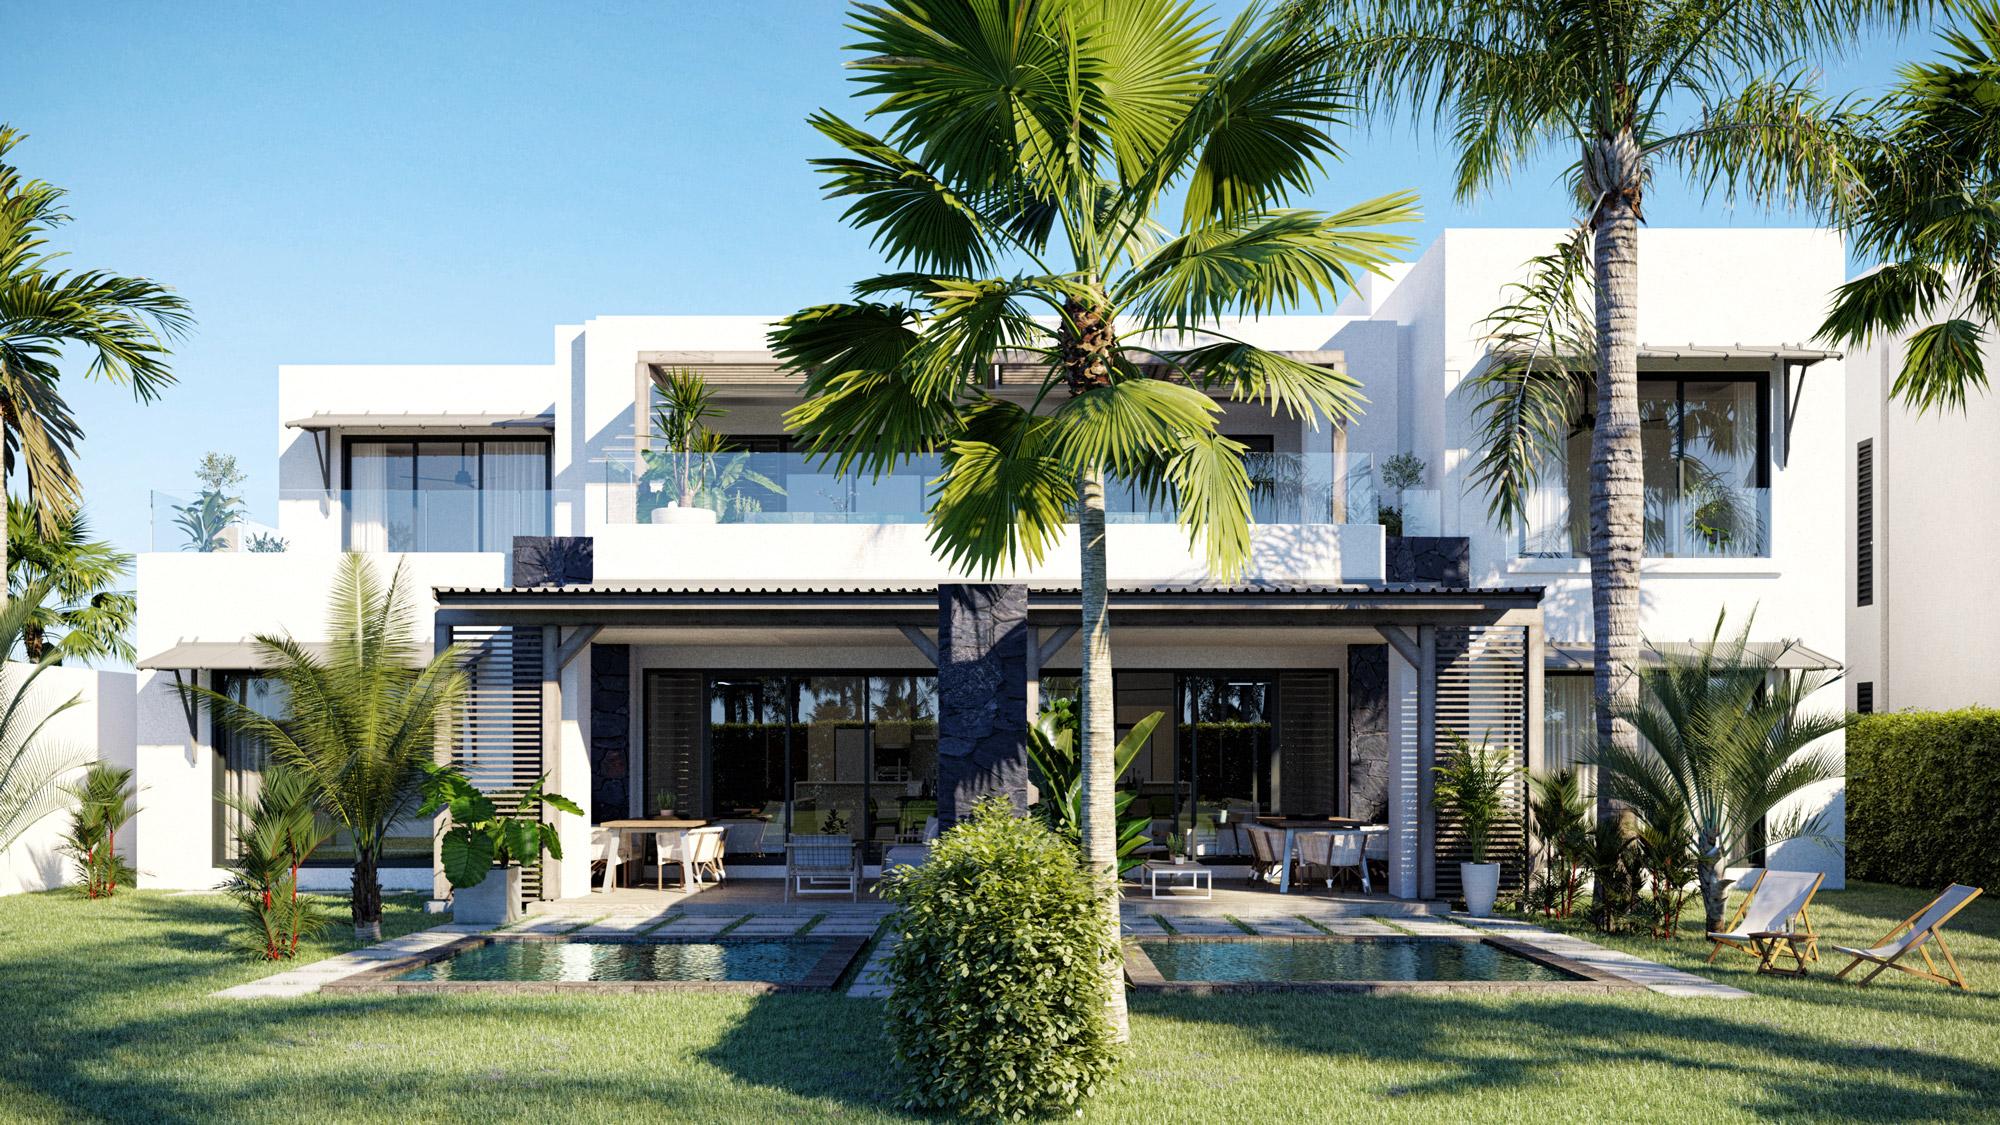 Appartements Et Penthouses À Vendre|Azuri Ocean & Golf Village : Villas De Luxe À Vendre À L'Ile Maurice||||||||||